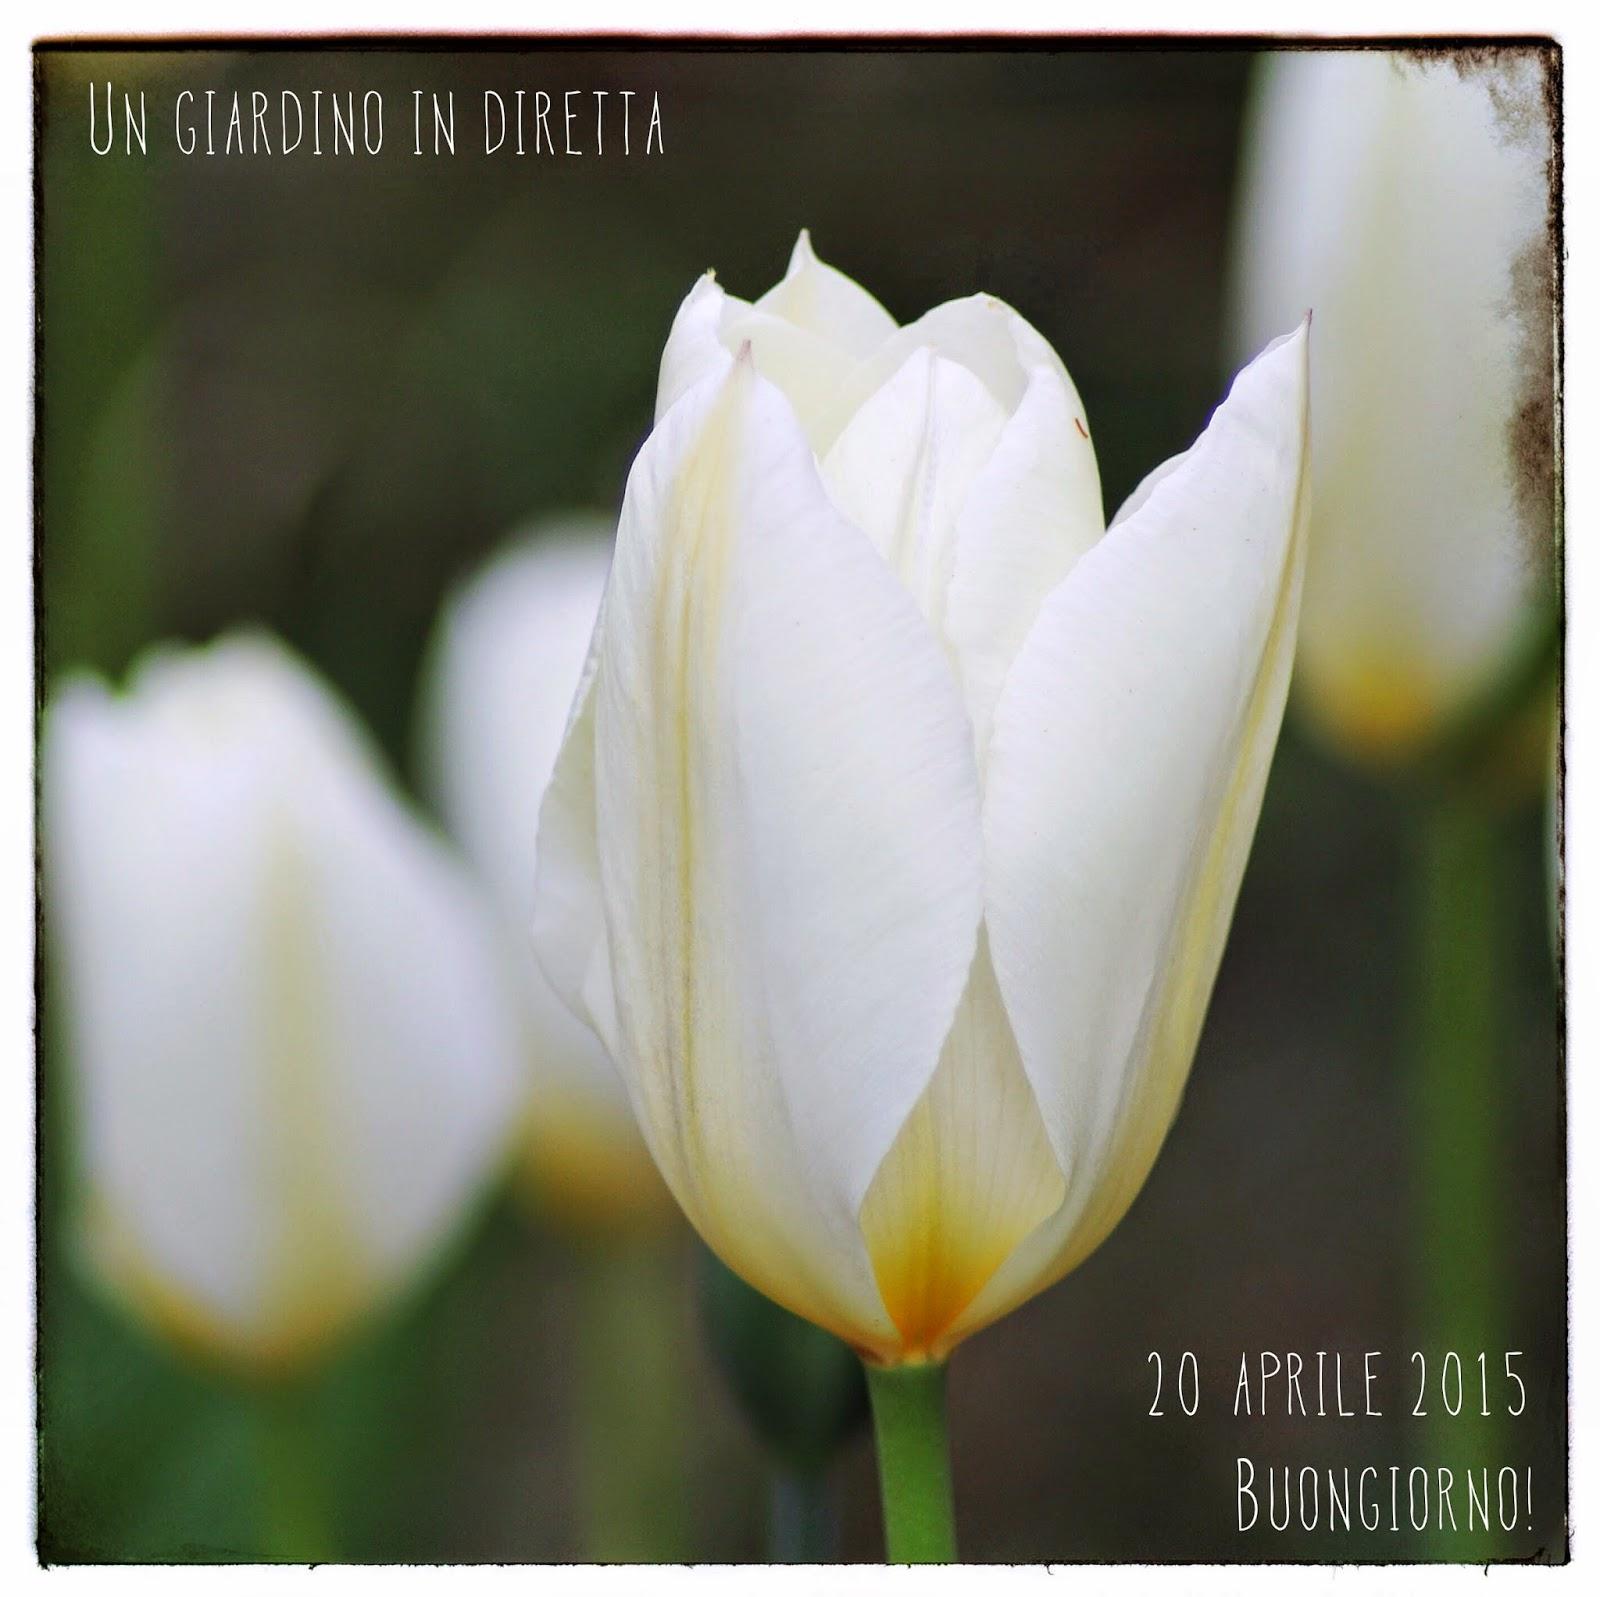 Fiori Bianchi Aprile.Tulipani Bianchi Buongiorno Giardinieri Un Giardino In Diretta